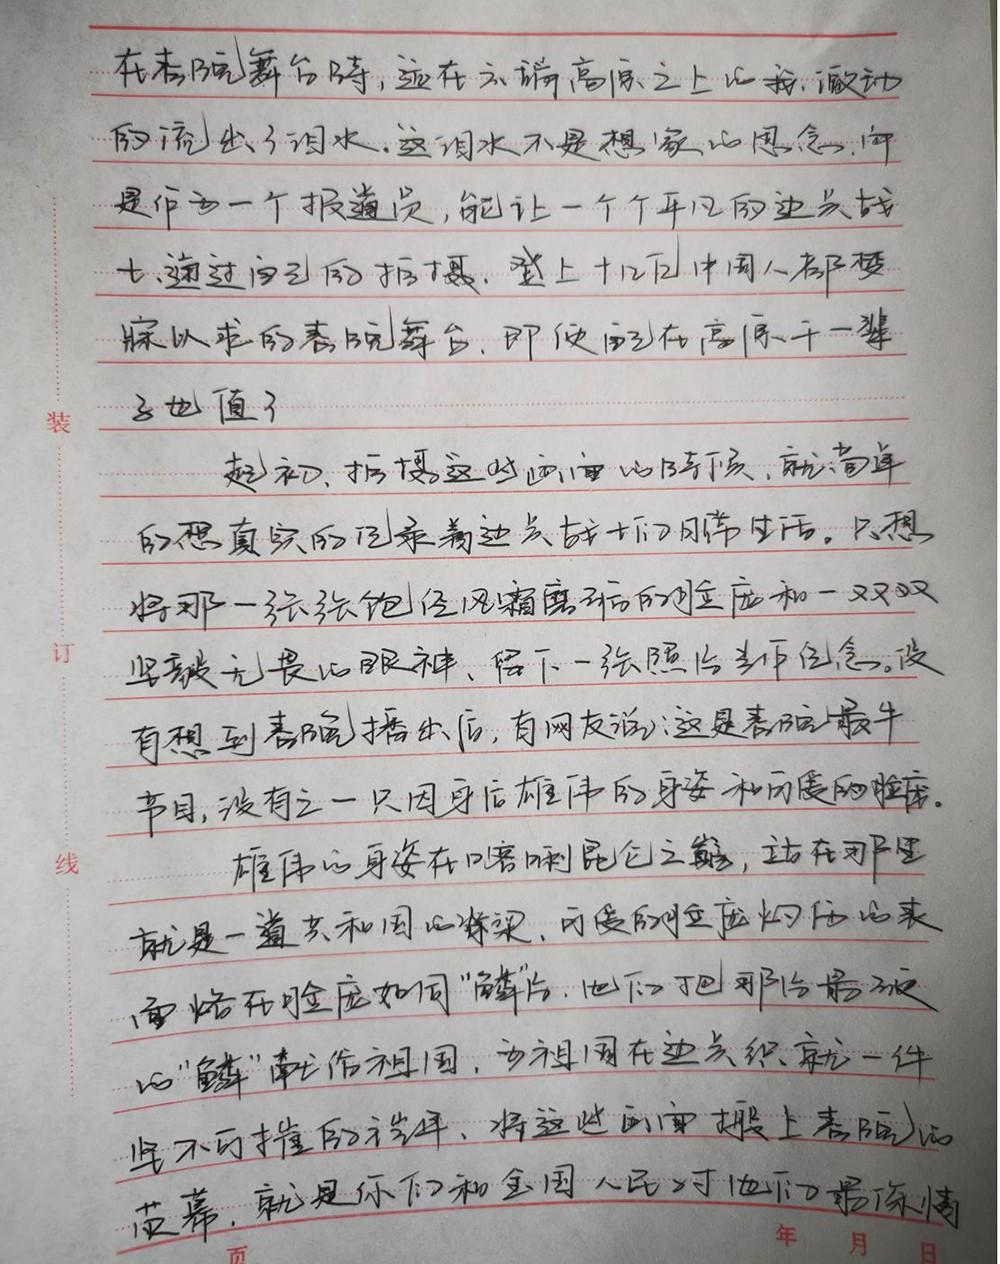 郑强龙2.jpg